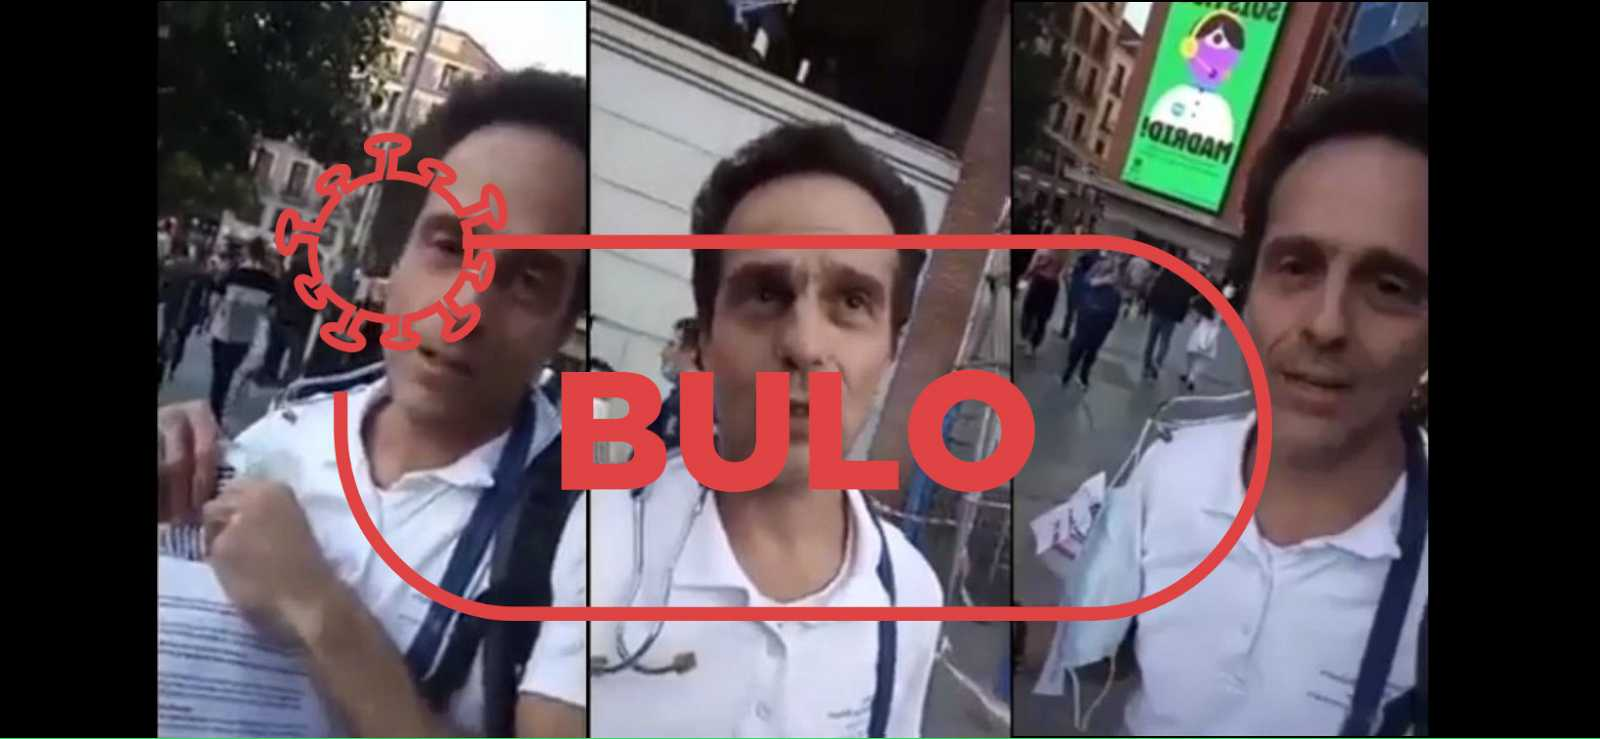 Tres capturas del vídeo con el médico de Formentera y la palabra bulo en rojo.